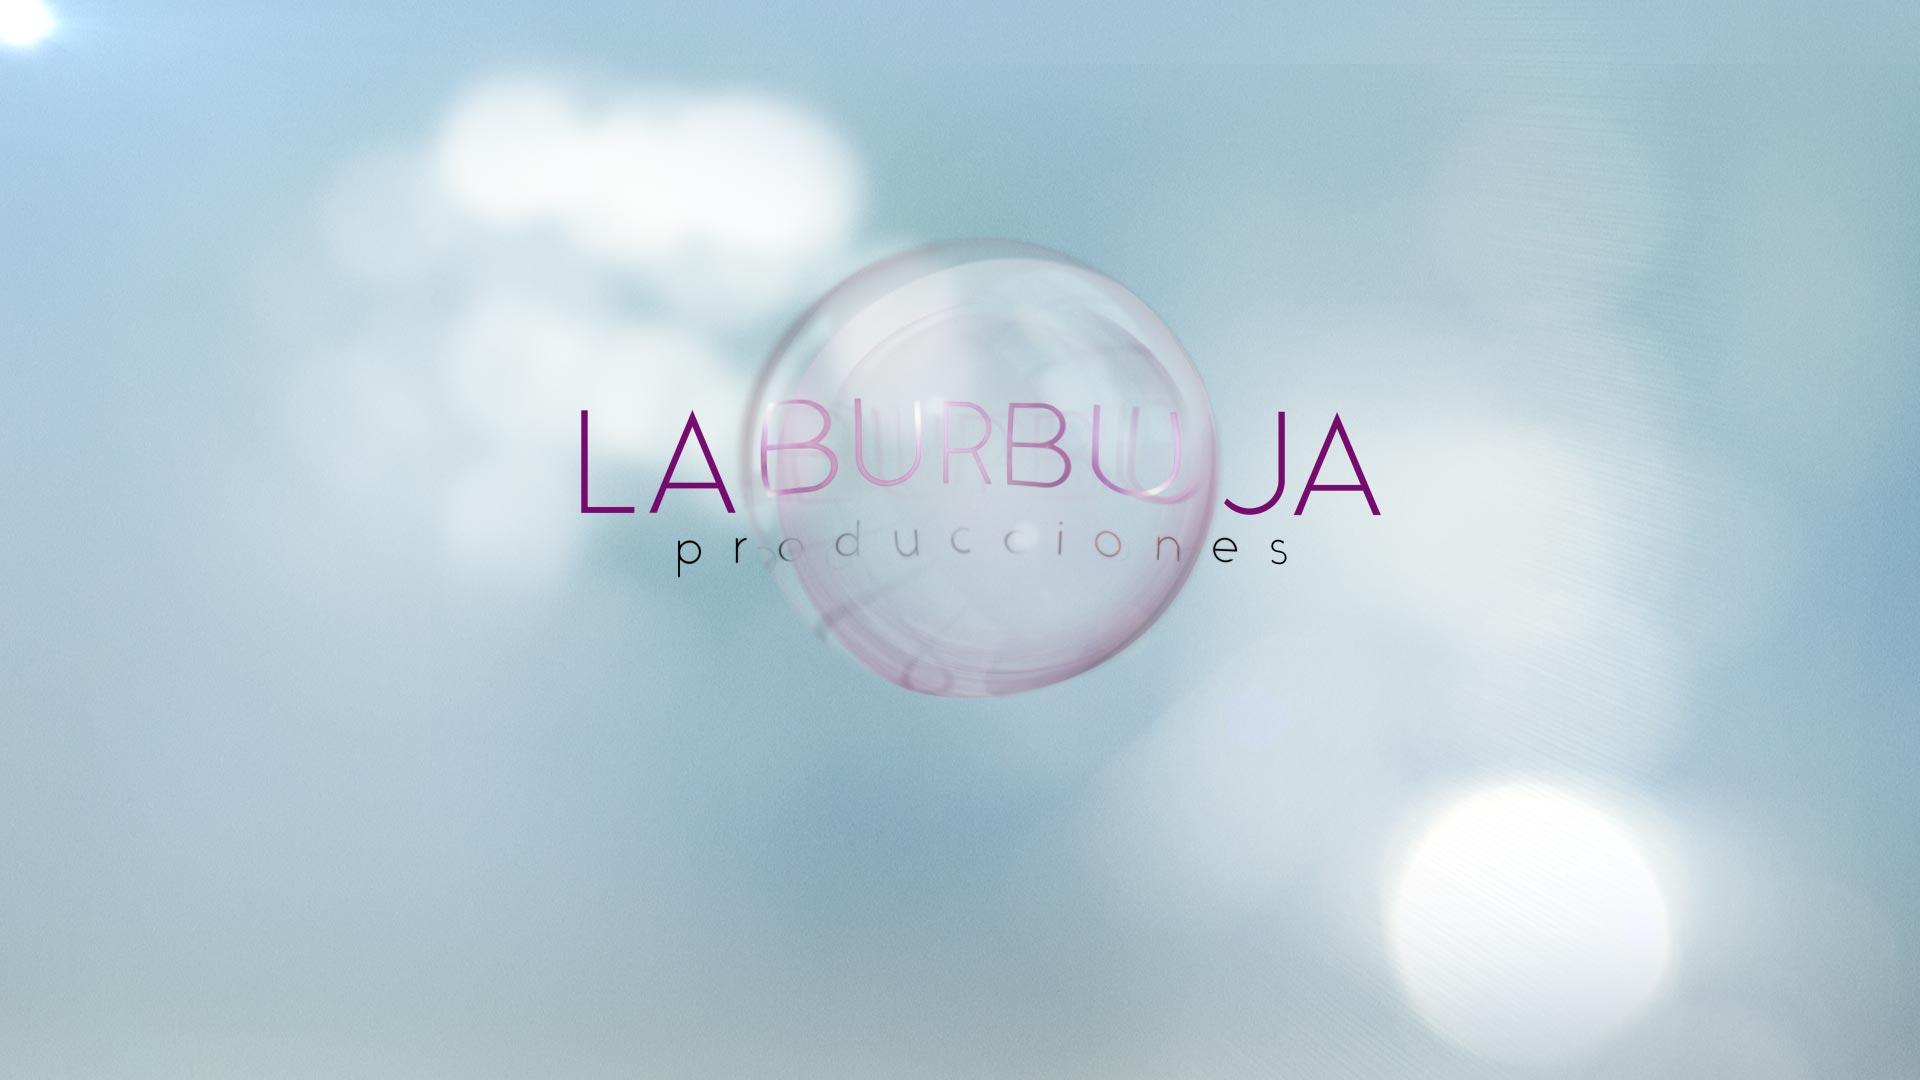 La Burbuja Producciones background image